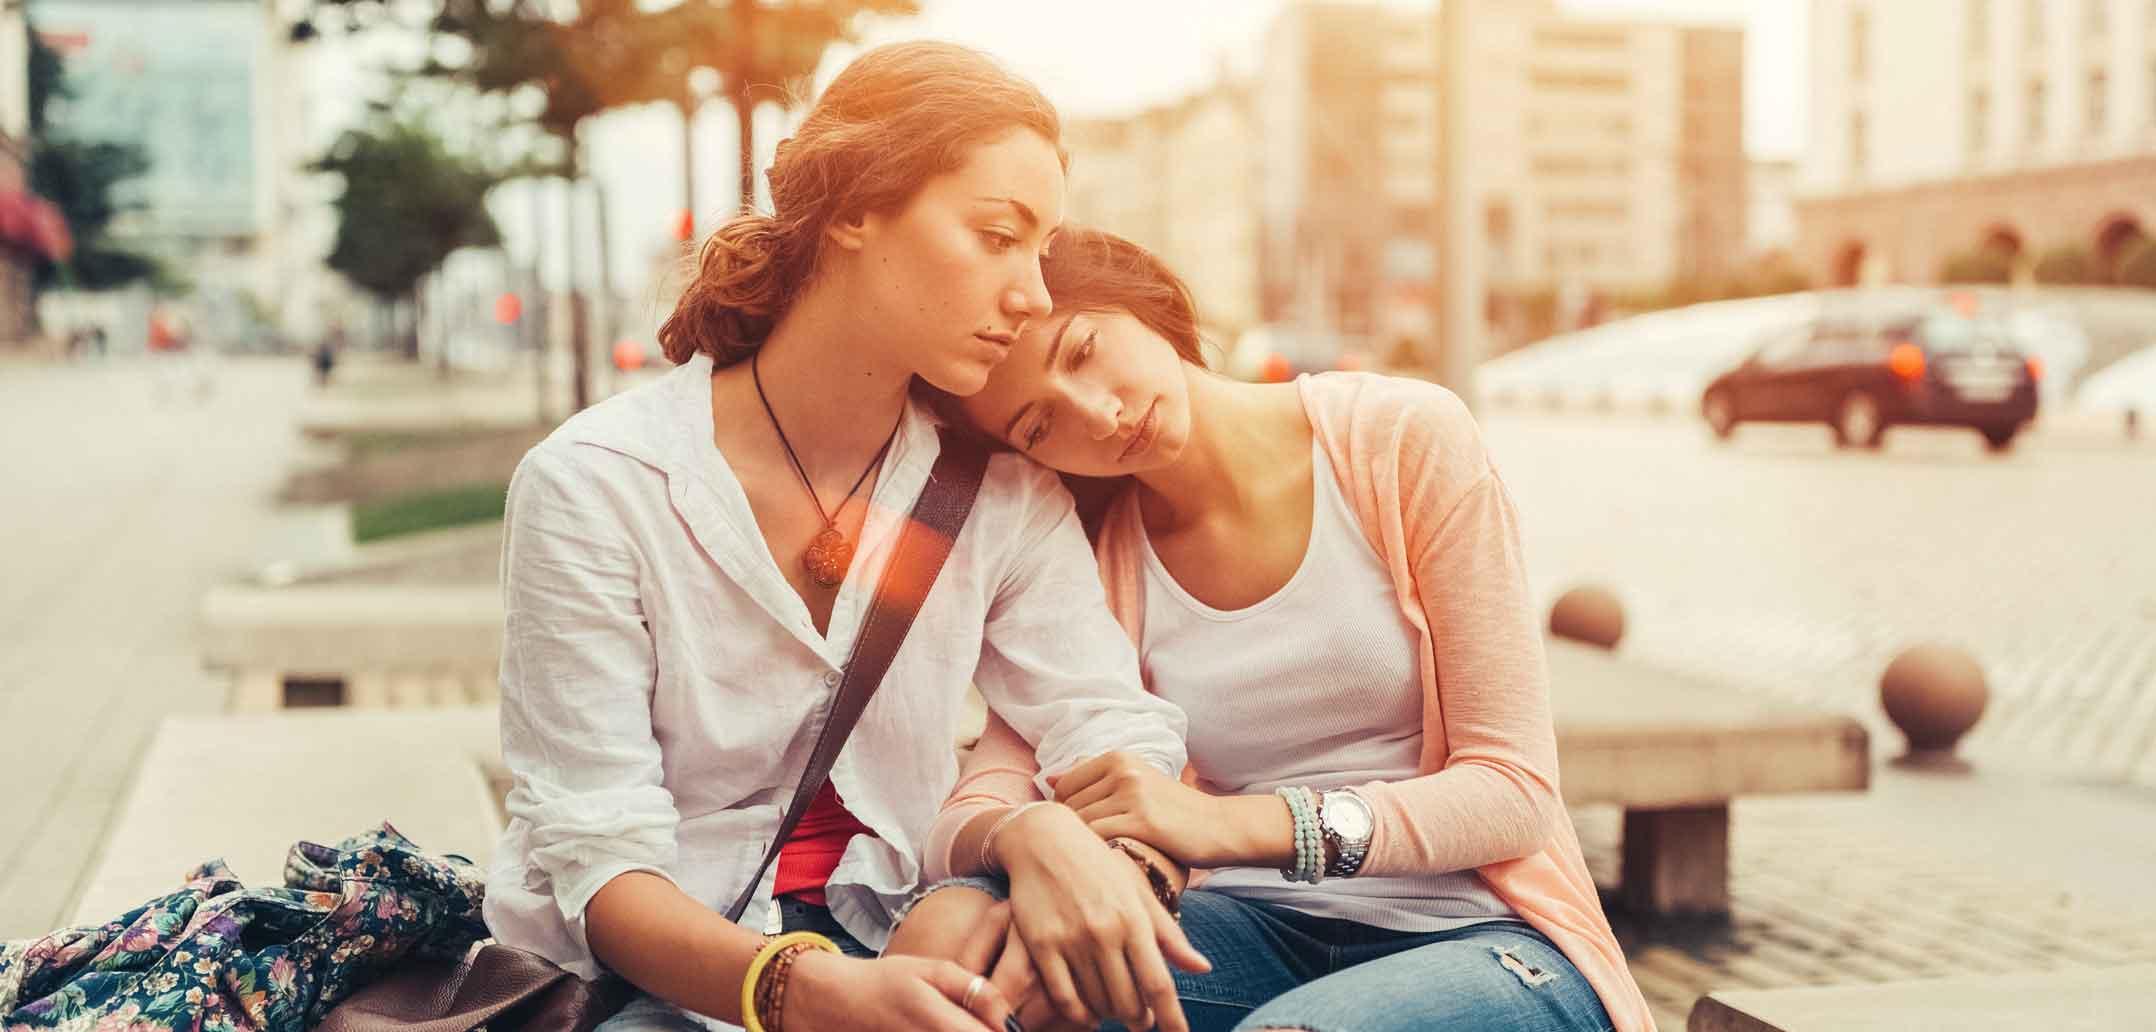 Eine Freundin spendet Trost bei Liebeskummer